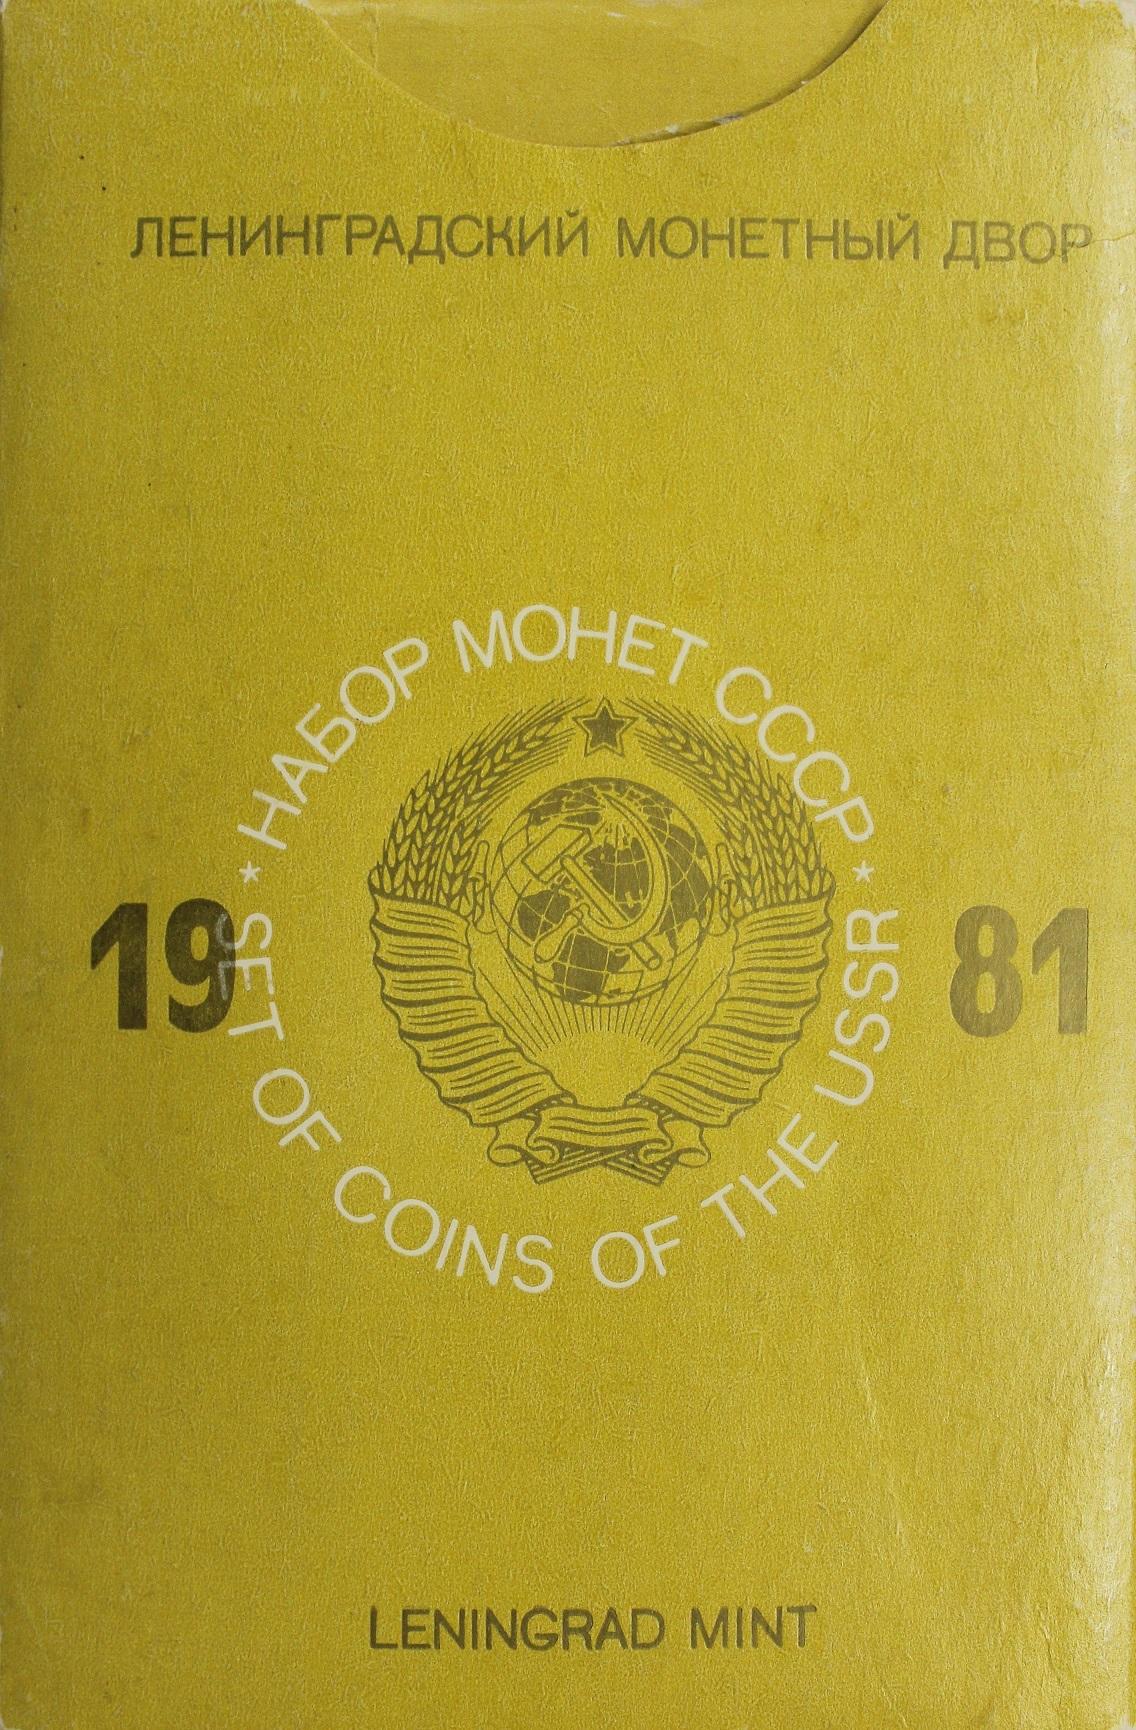 Набор регулярных монет СССР 1981 года ЛМД (с жетоном, в конверте) твердый